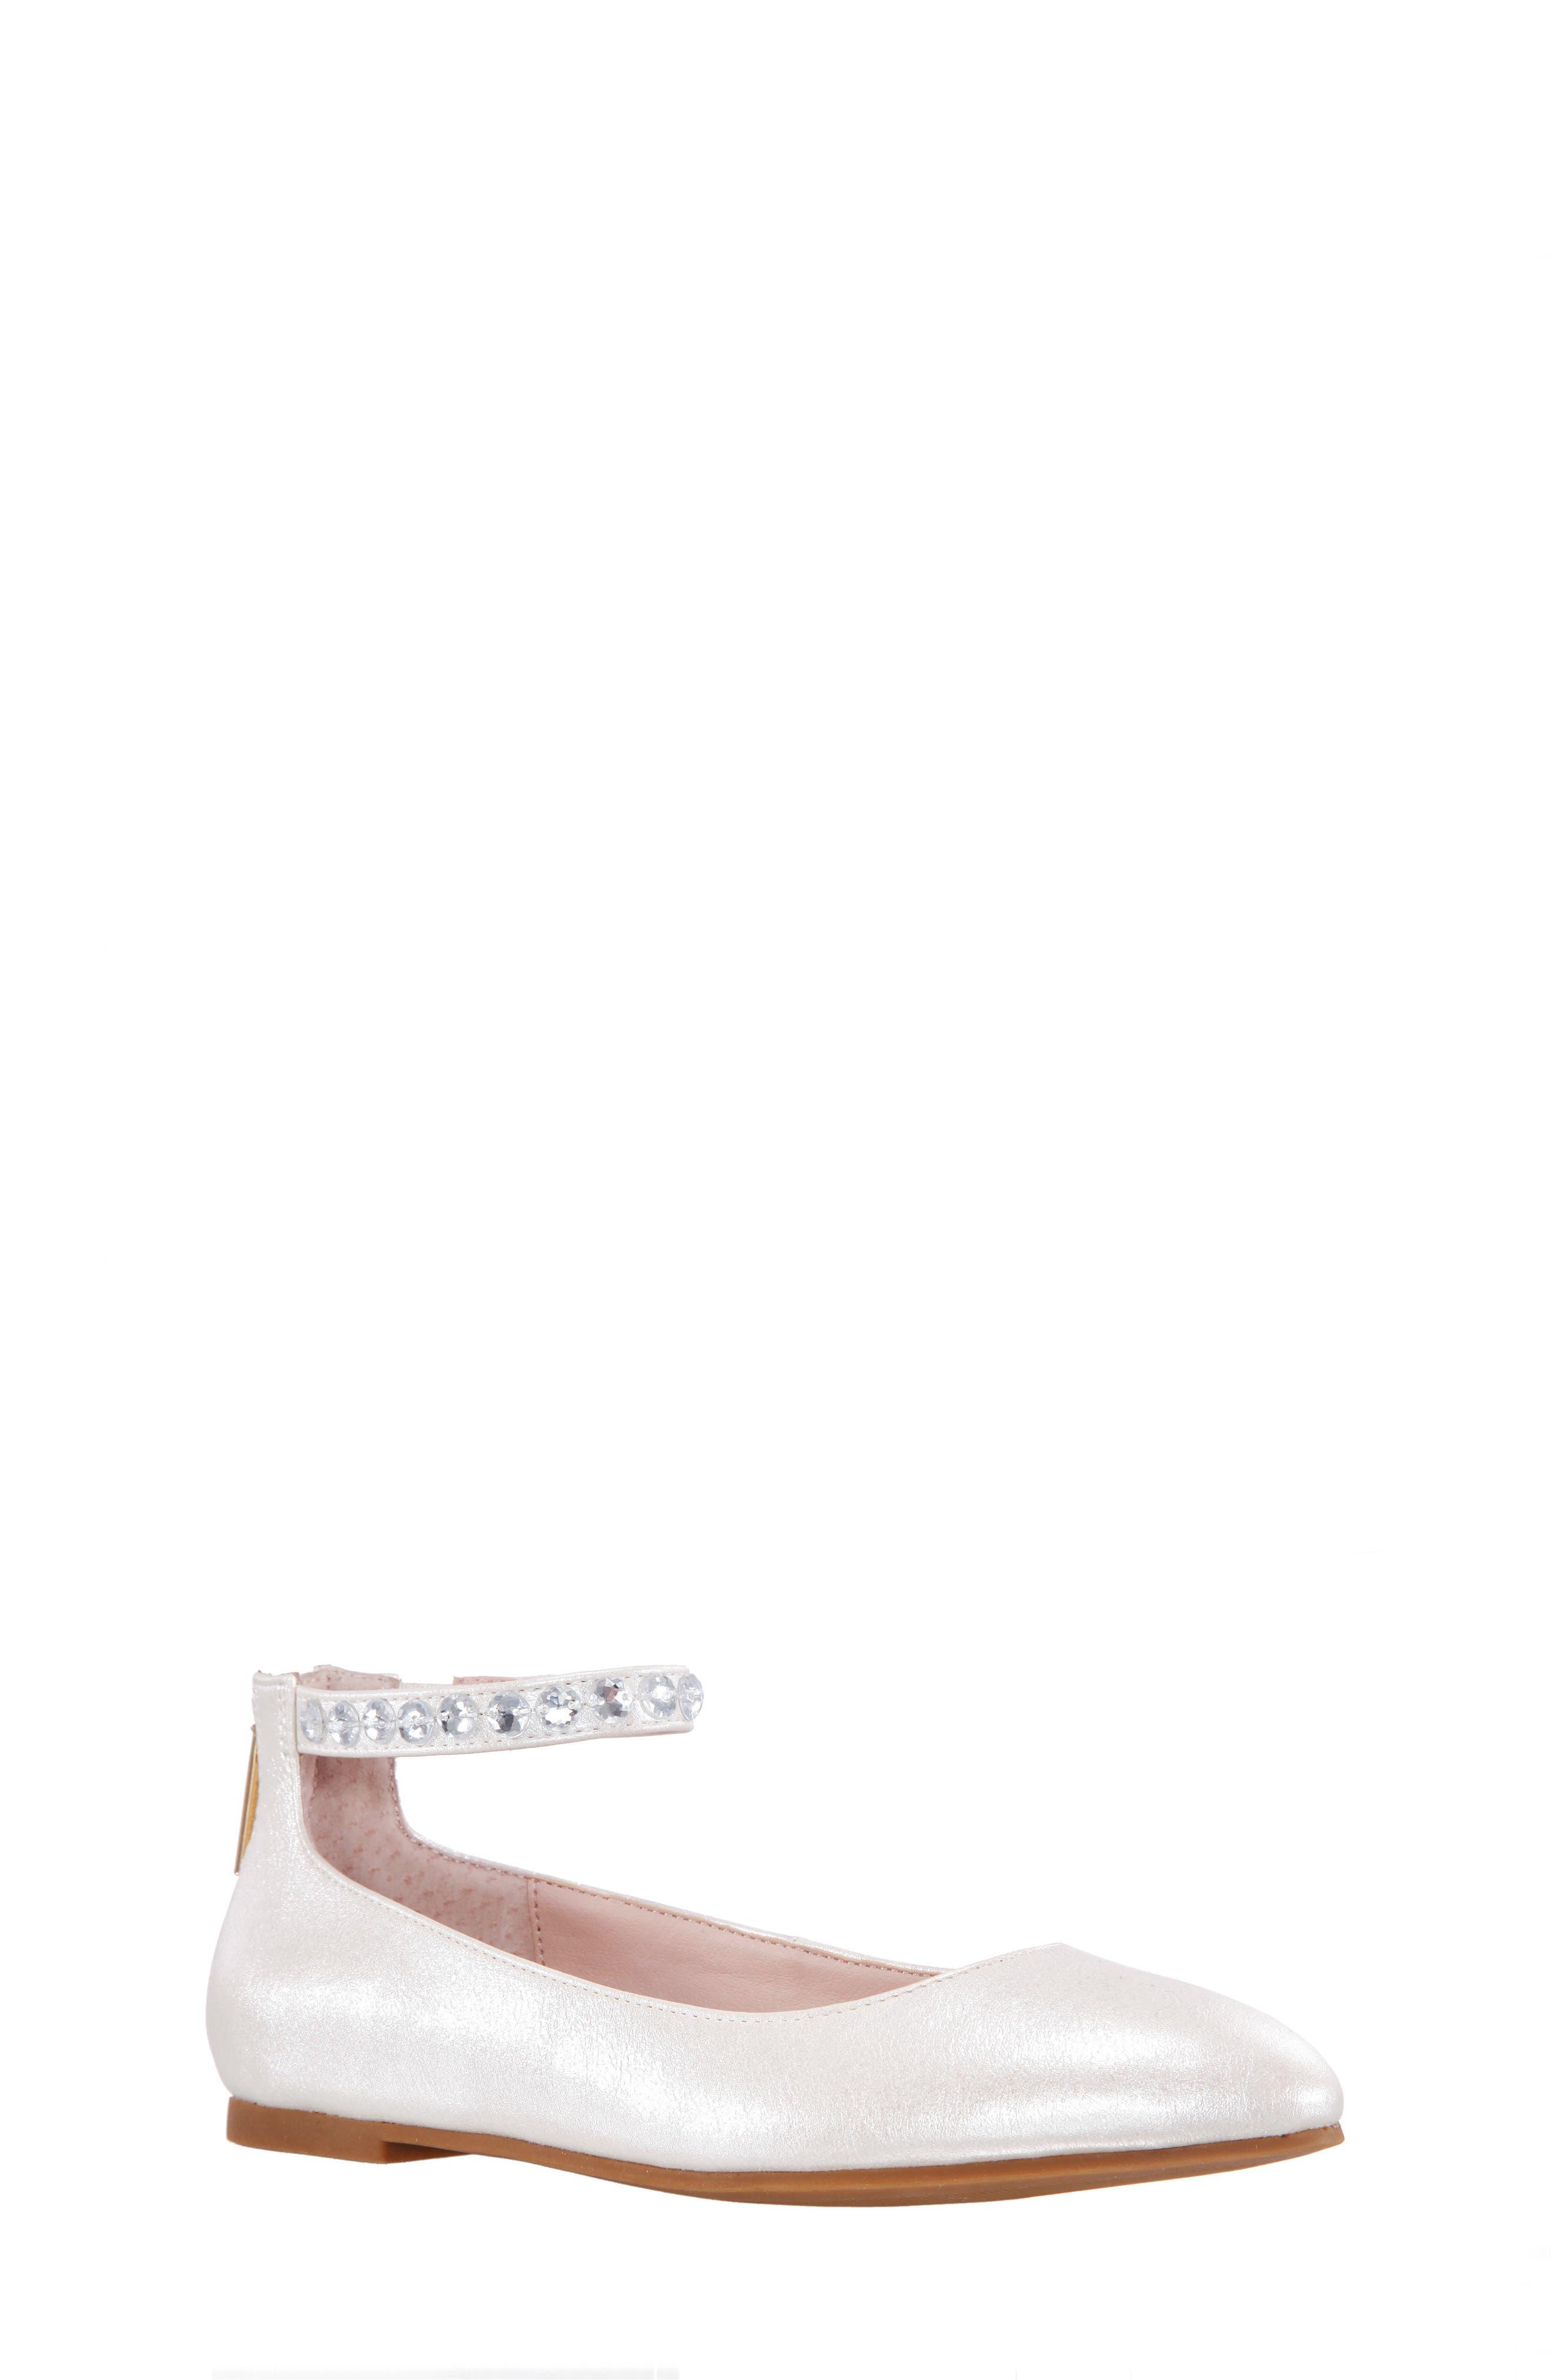 Girls Nina' Shoes: Sale | Nordstrom